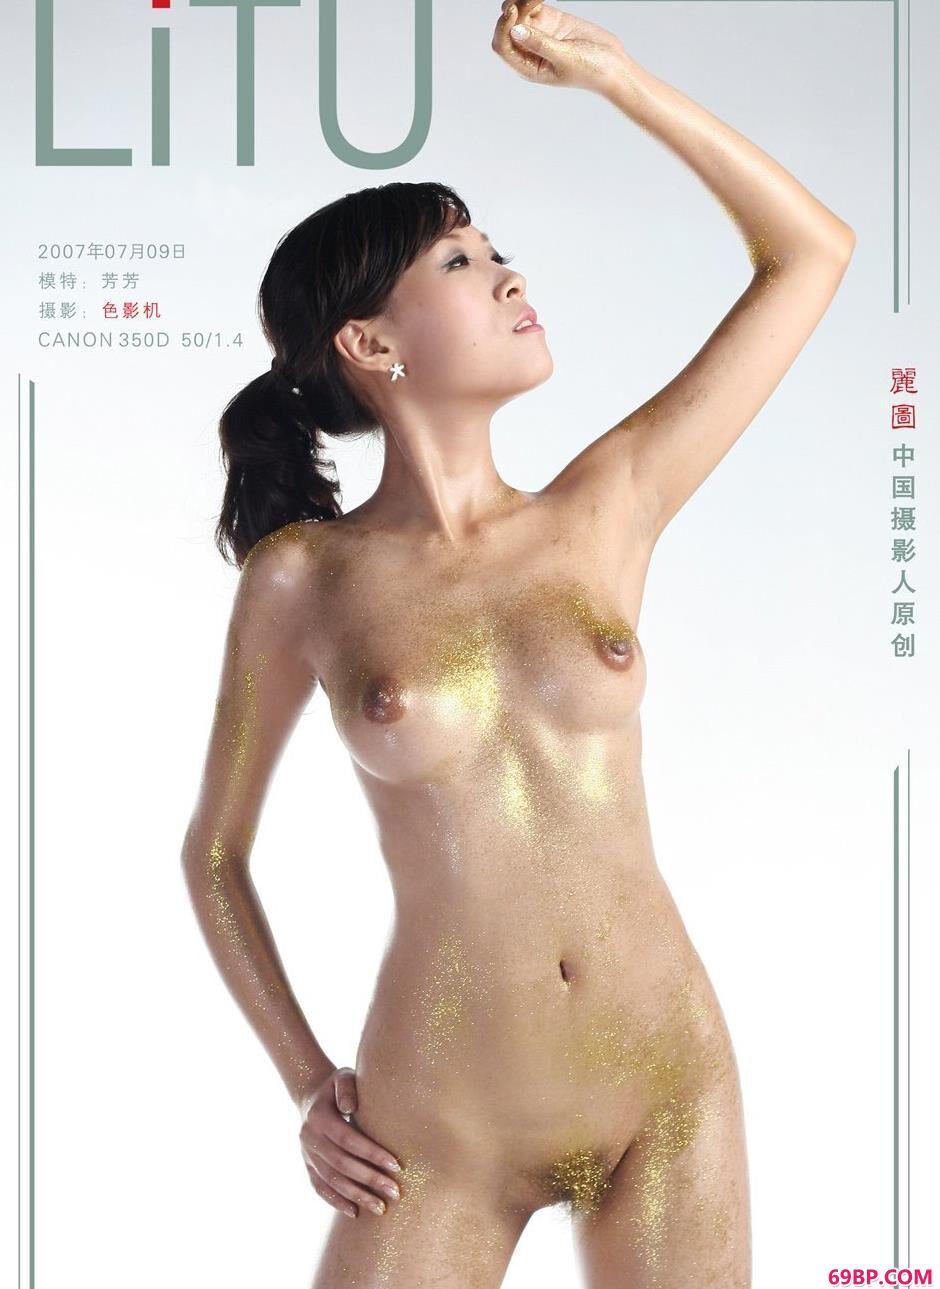 裸模芳芳写真棚里的勾人美体_推女郎无圣光